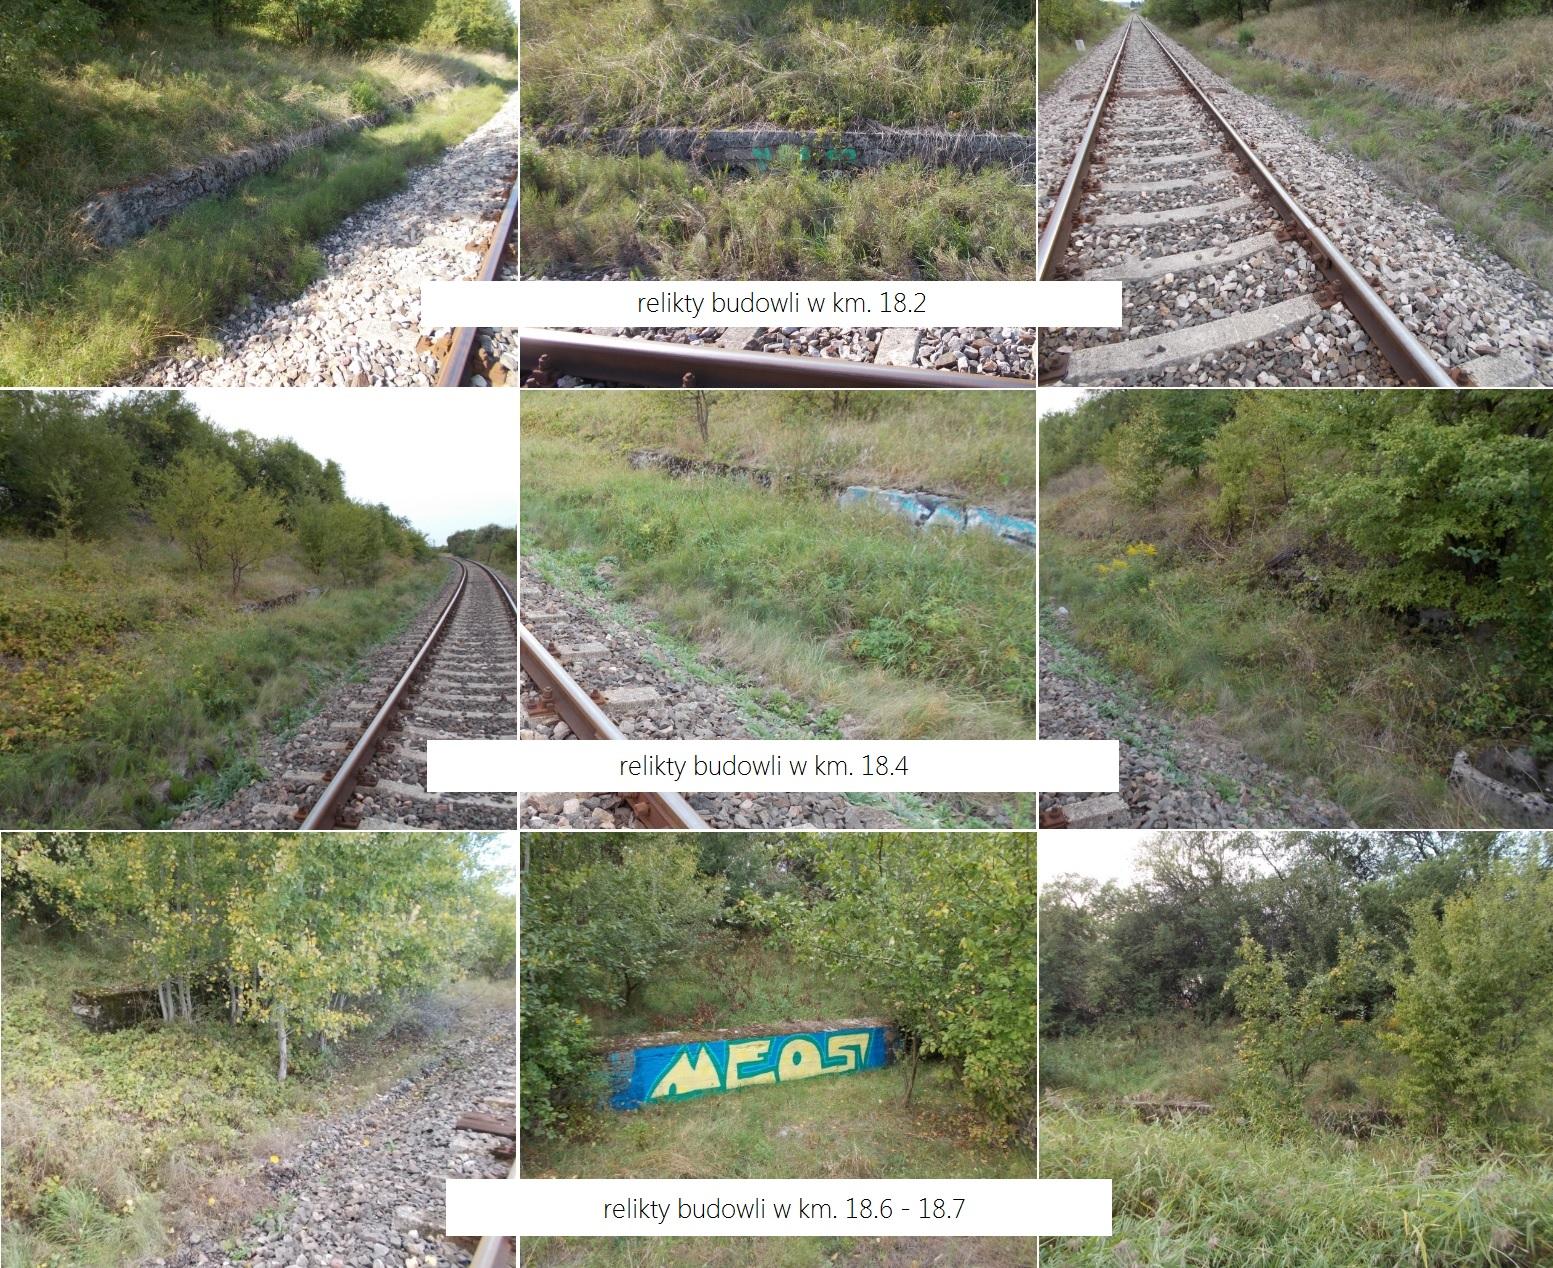 Relikty budowli w km. 18.2, 18.4, 18.6 - 18.7 odcinka Swobodna - Dobre Miasto.jpg